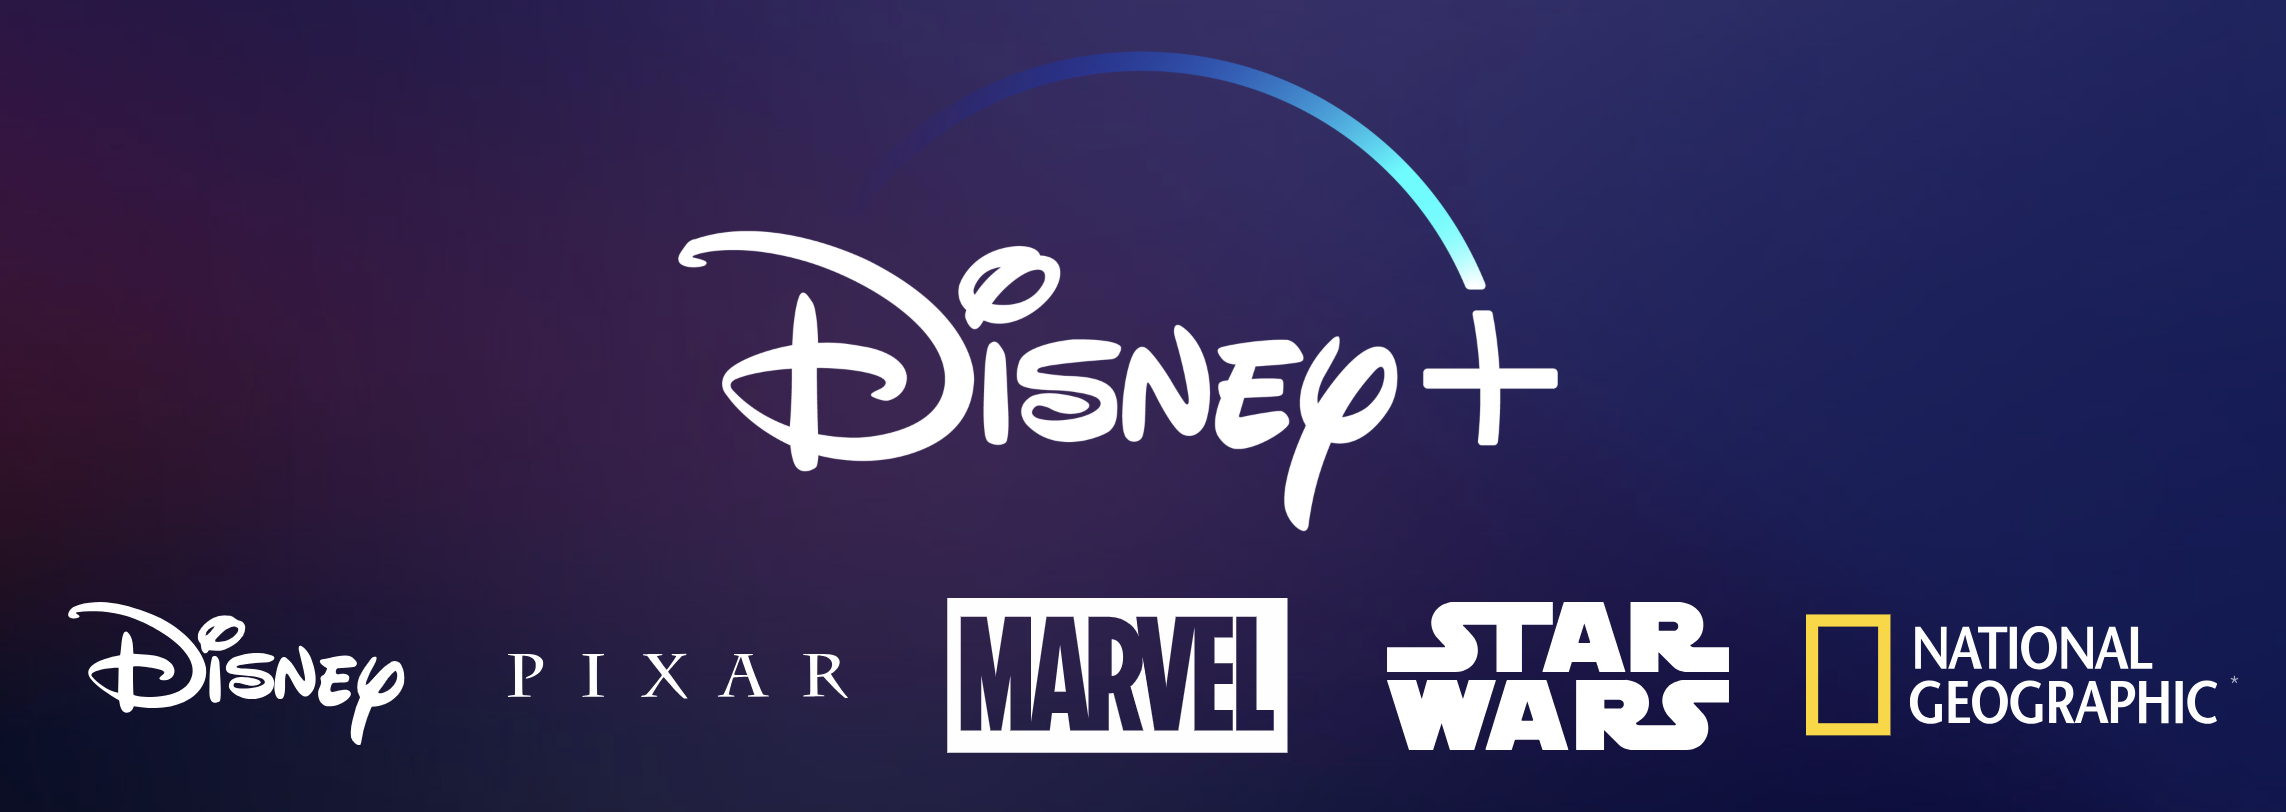 Disney+.